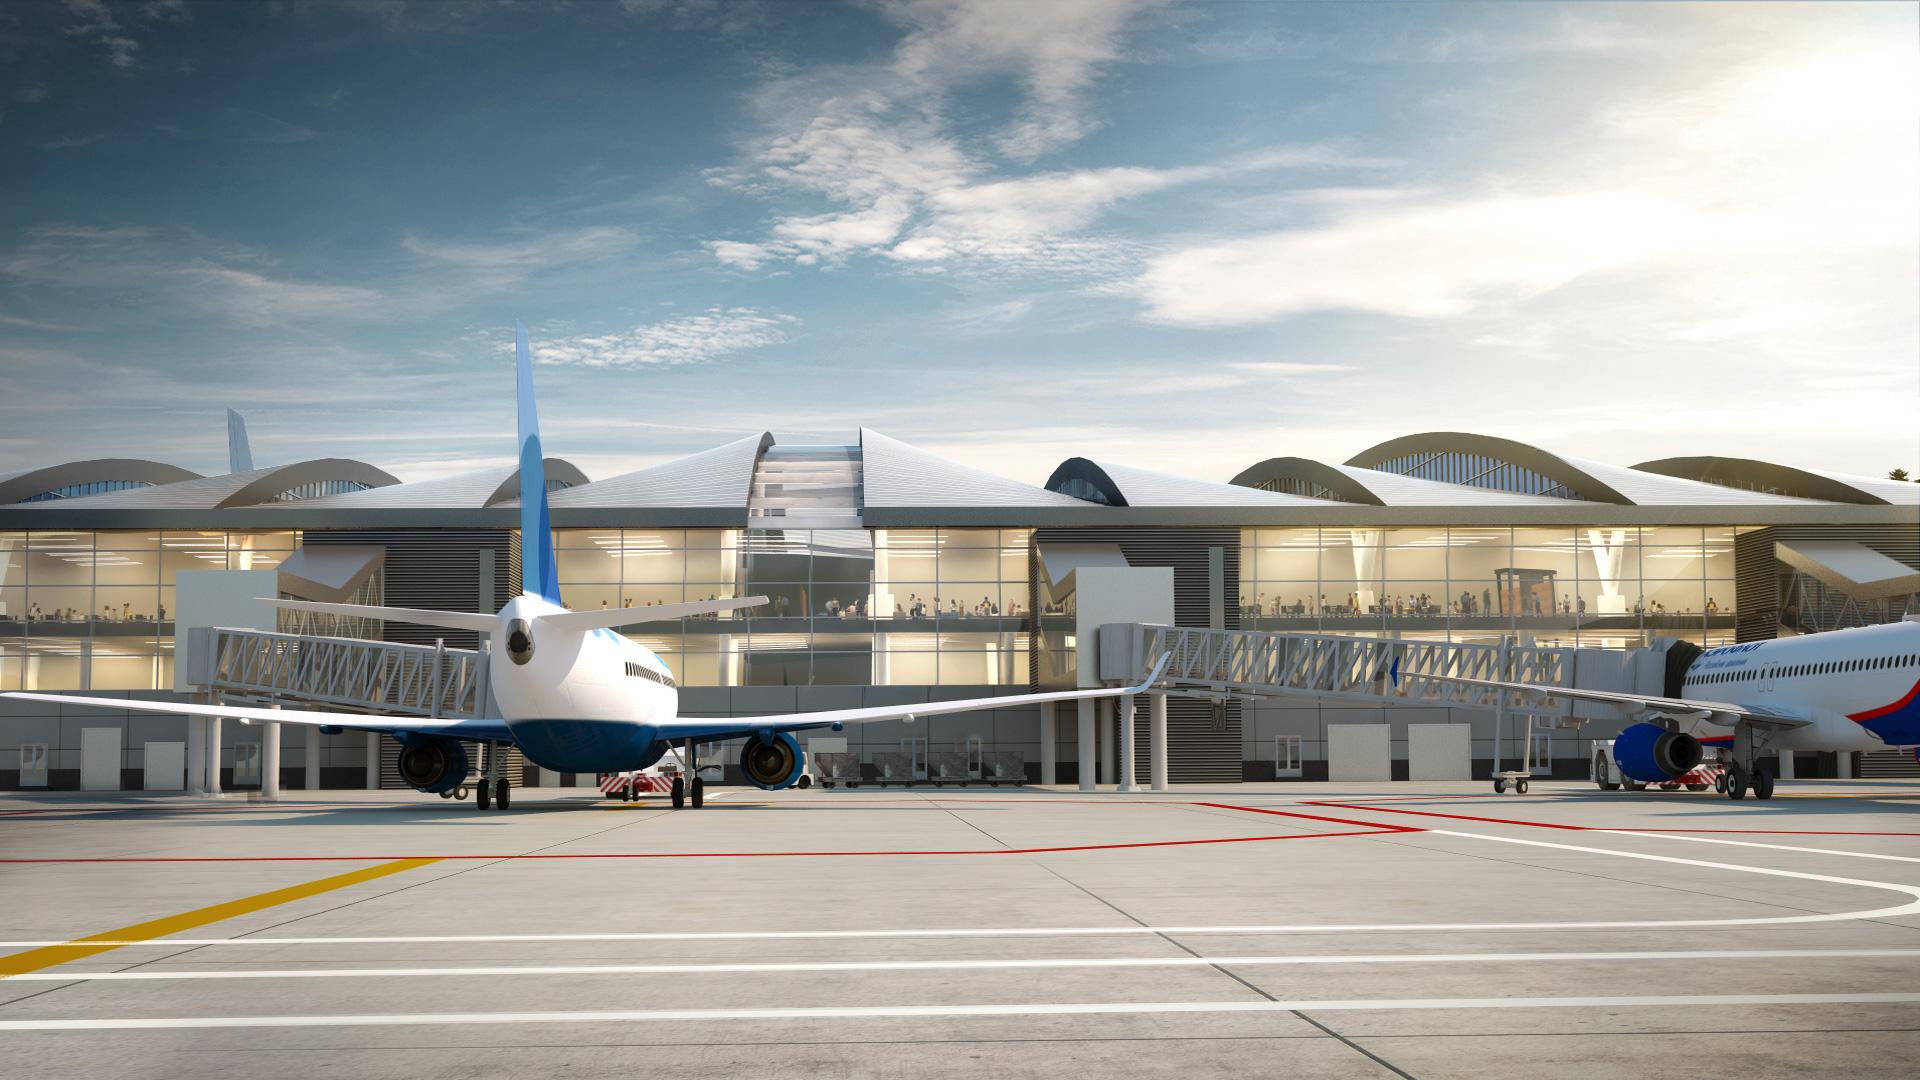 Аэропорт ростов картинка